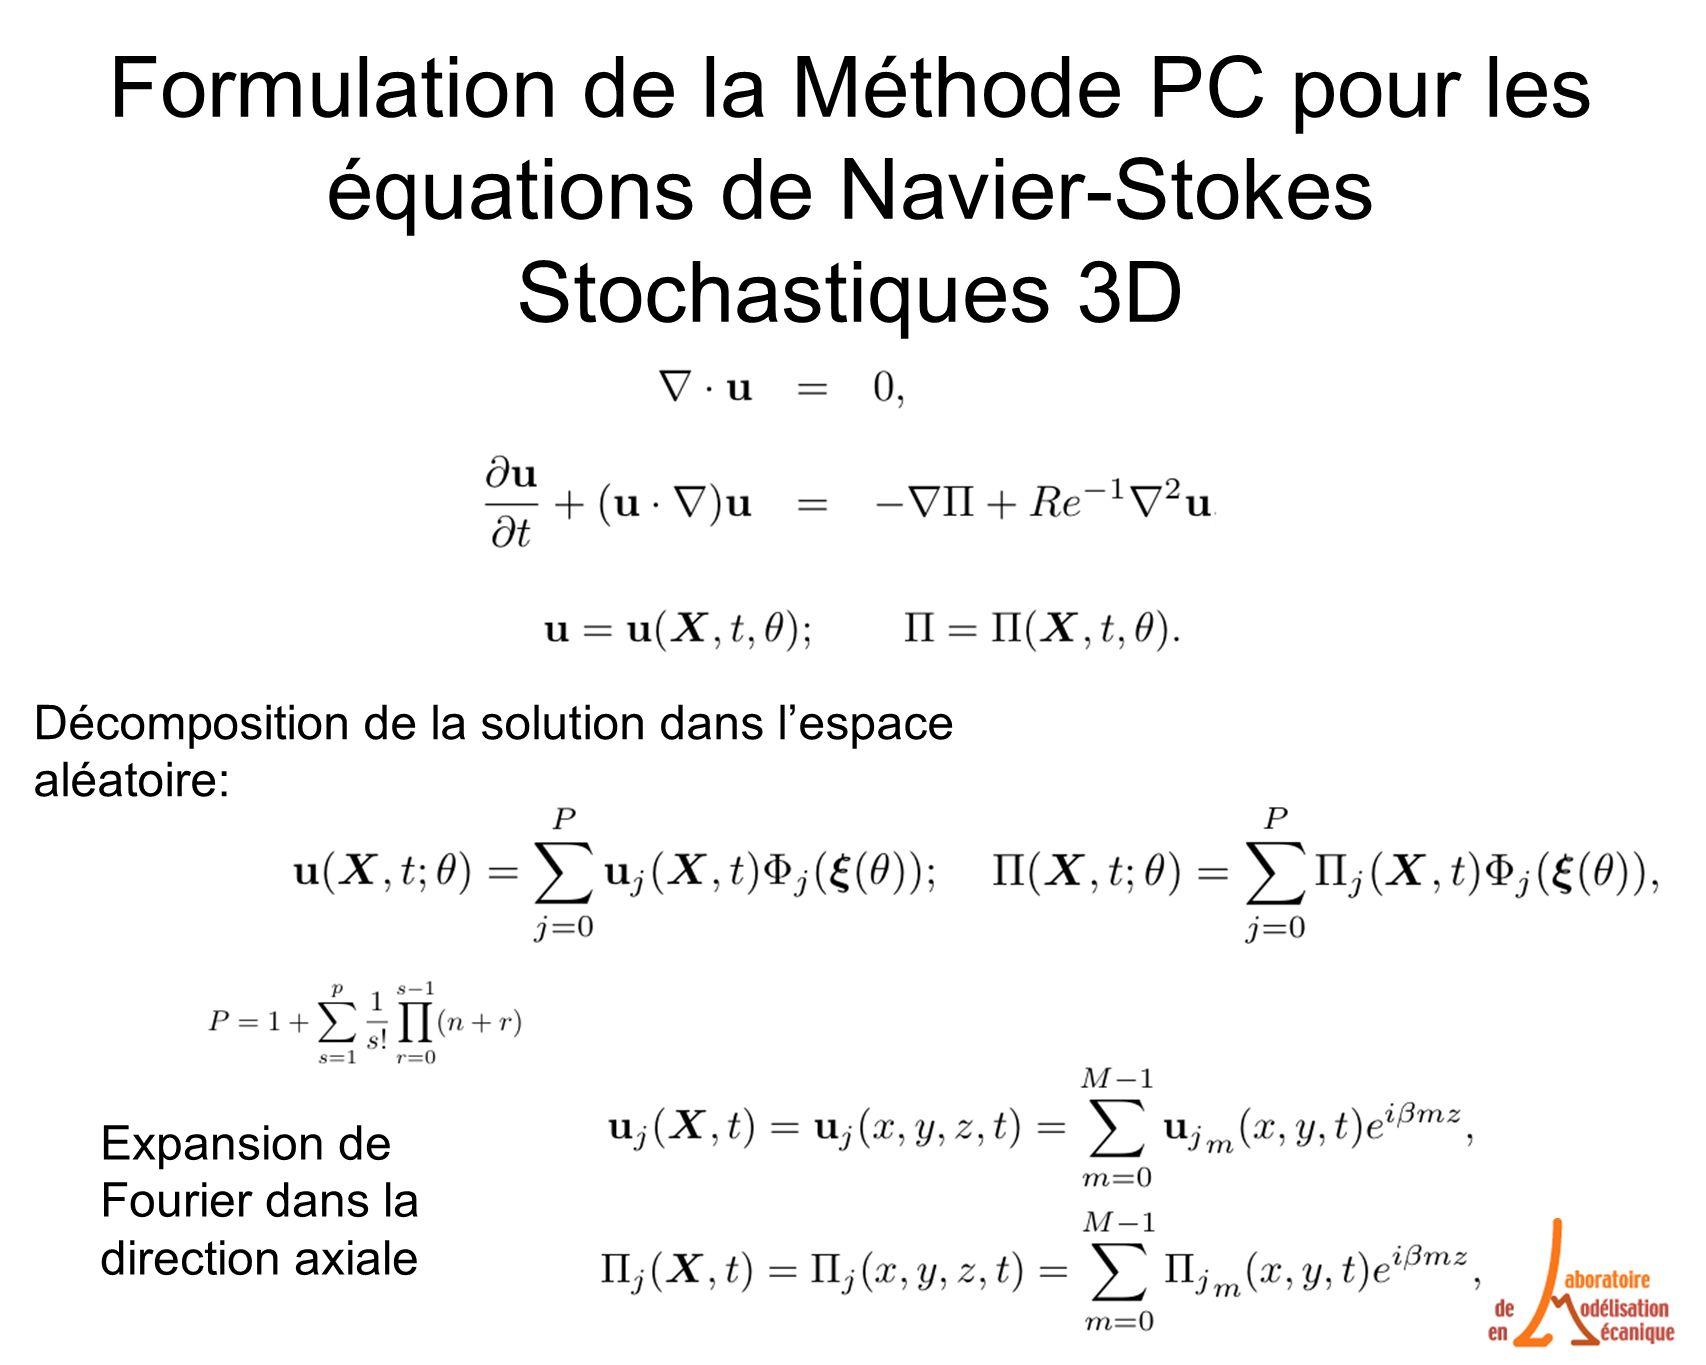 Formulation de la Méthode PC pour les équations de Navier-Stokes Stochastiques 3D